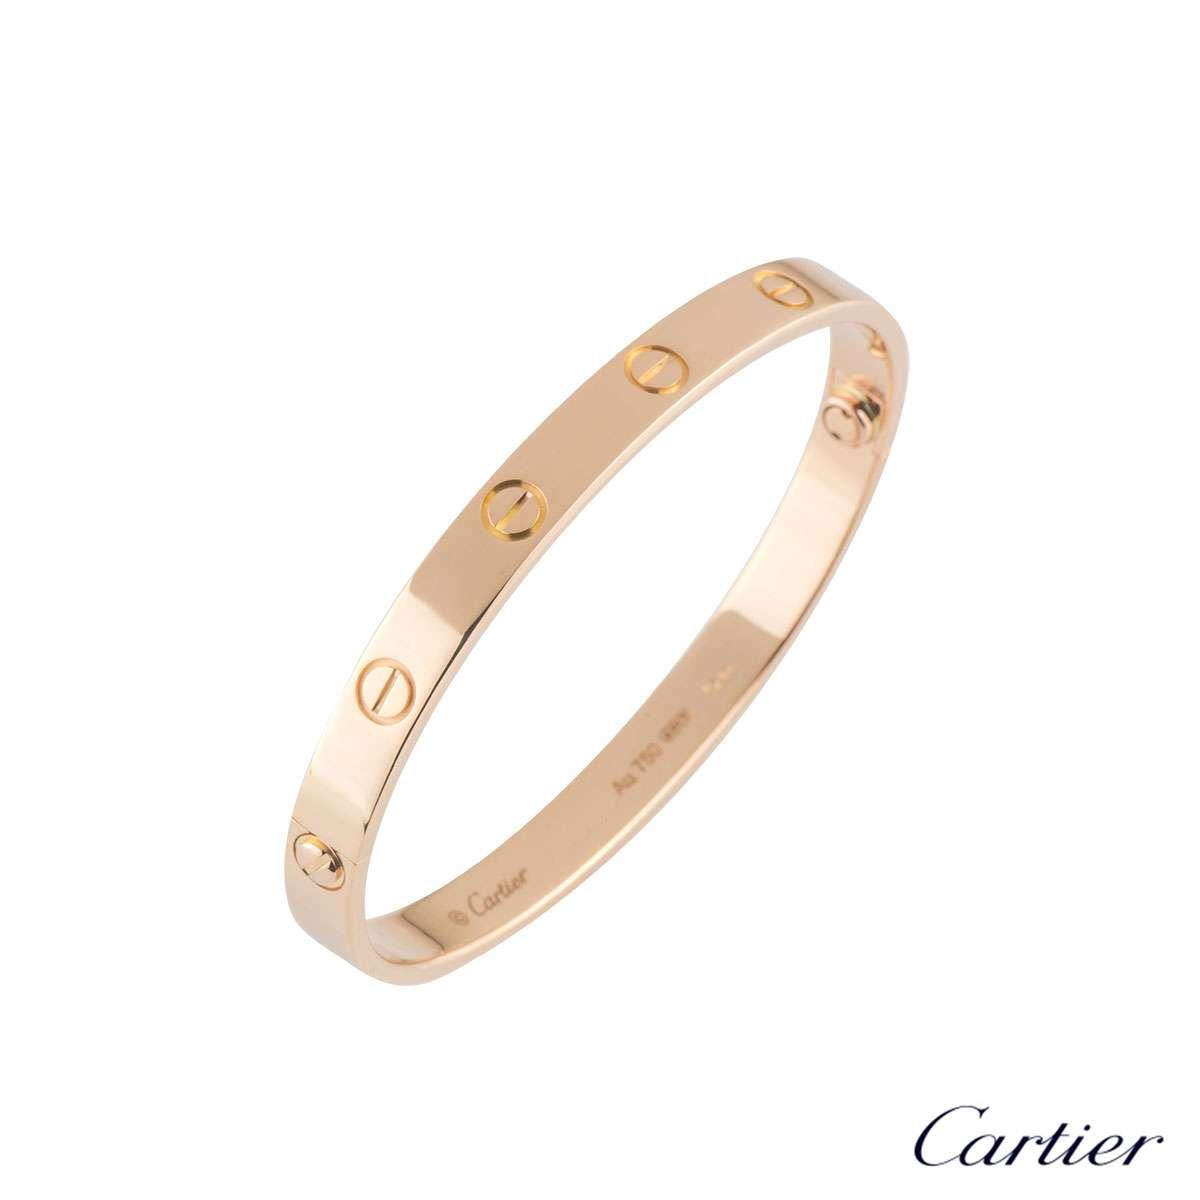 Cartier Rose Gold Plain Love Bracelet Size 18B6035618